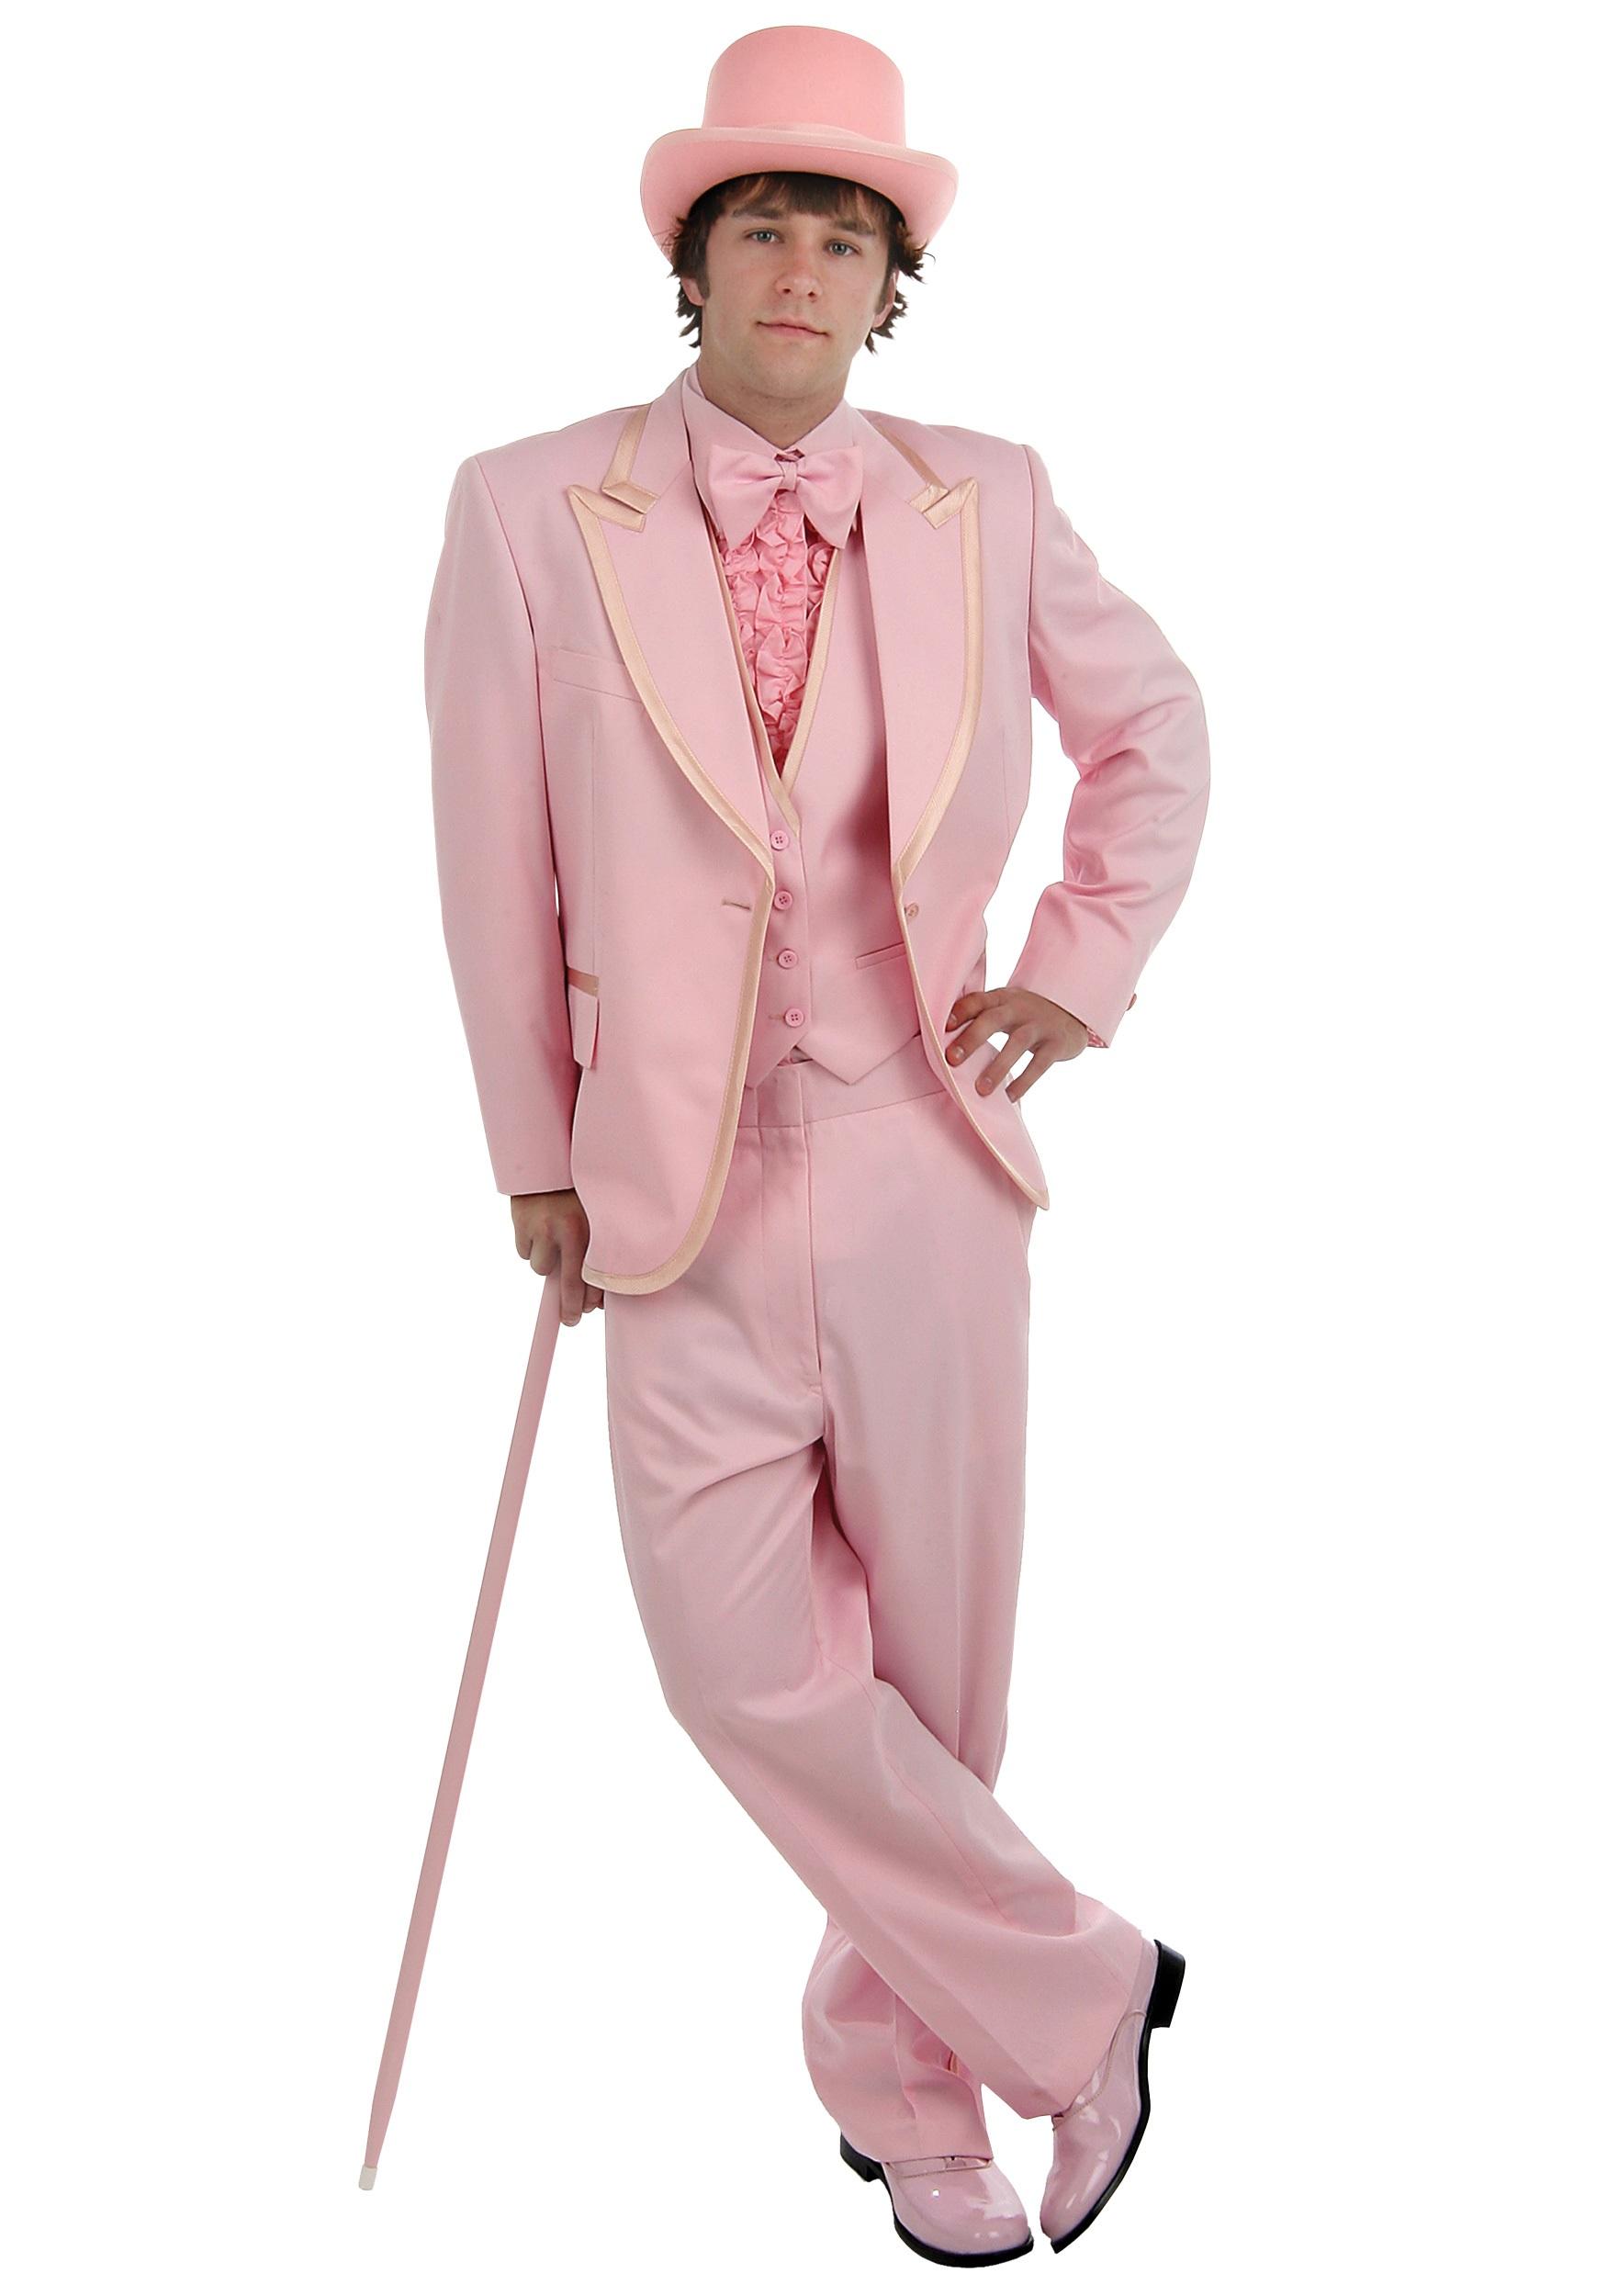 Fine Ugly Prom Tuxedos Gallery - Wedding Dress Ideas - sagecottage.us